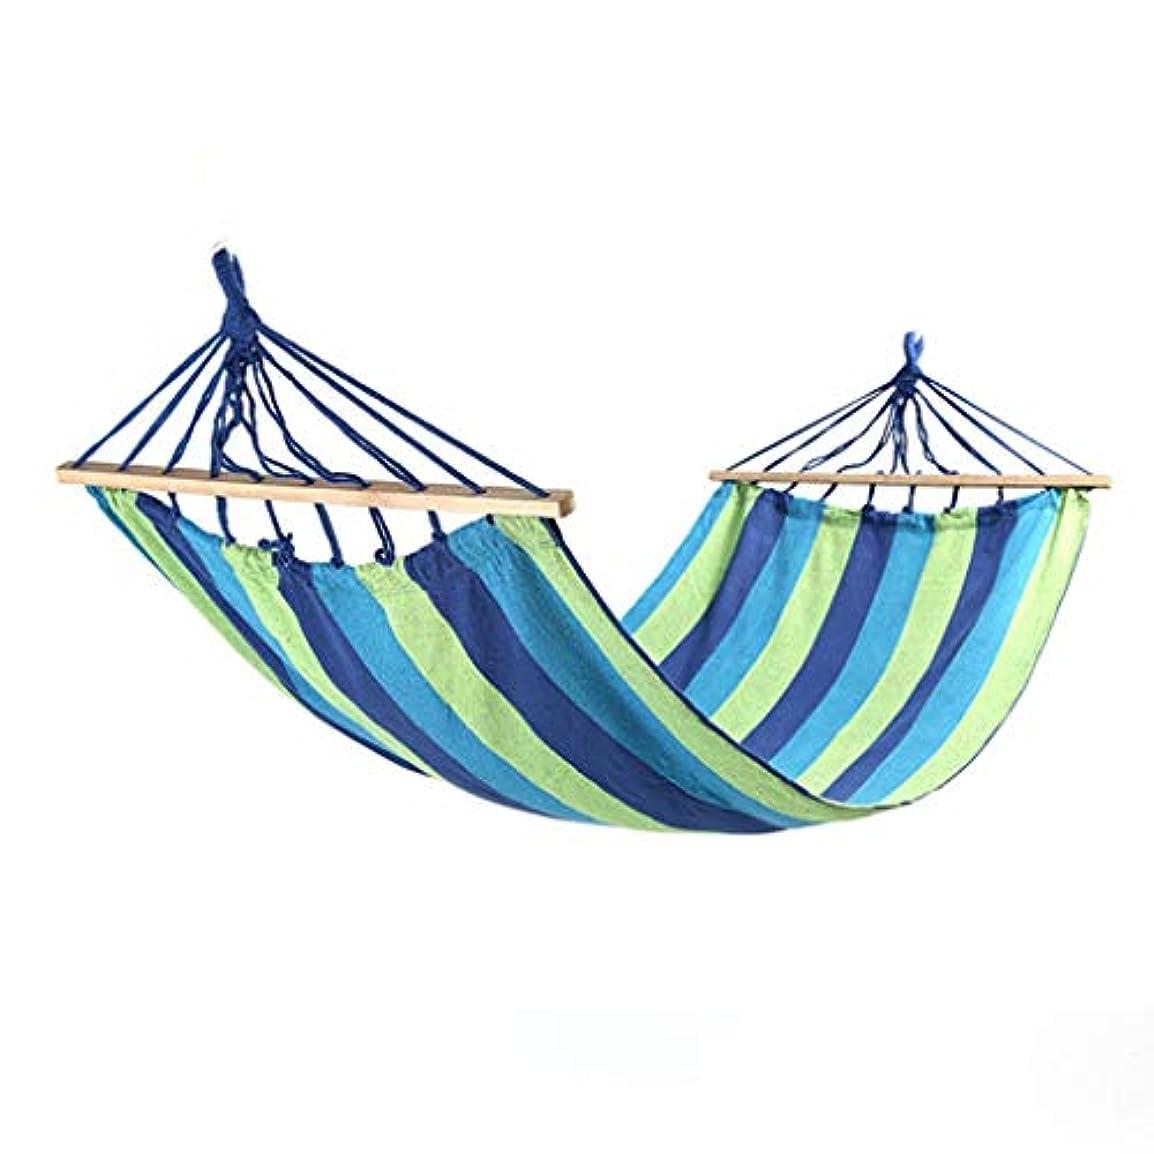 台風廃止クーポン屋外の超軽量の掛かるベッドのキャンプのためのハンモックの網のハンモック、バックパッキングのための携帯用ハンモック (色 : B)